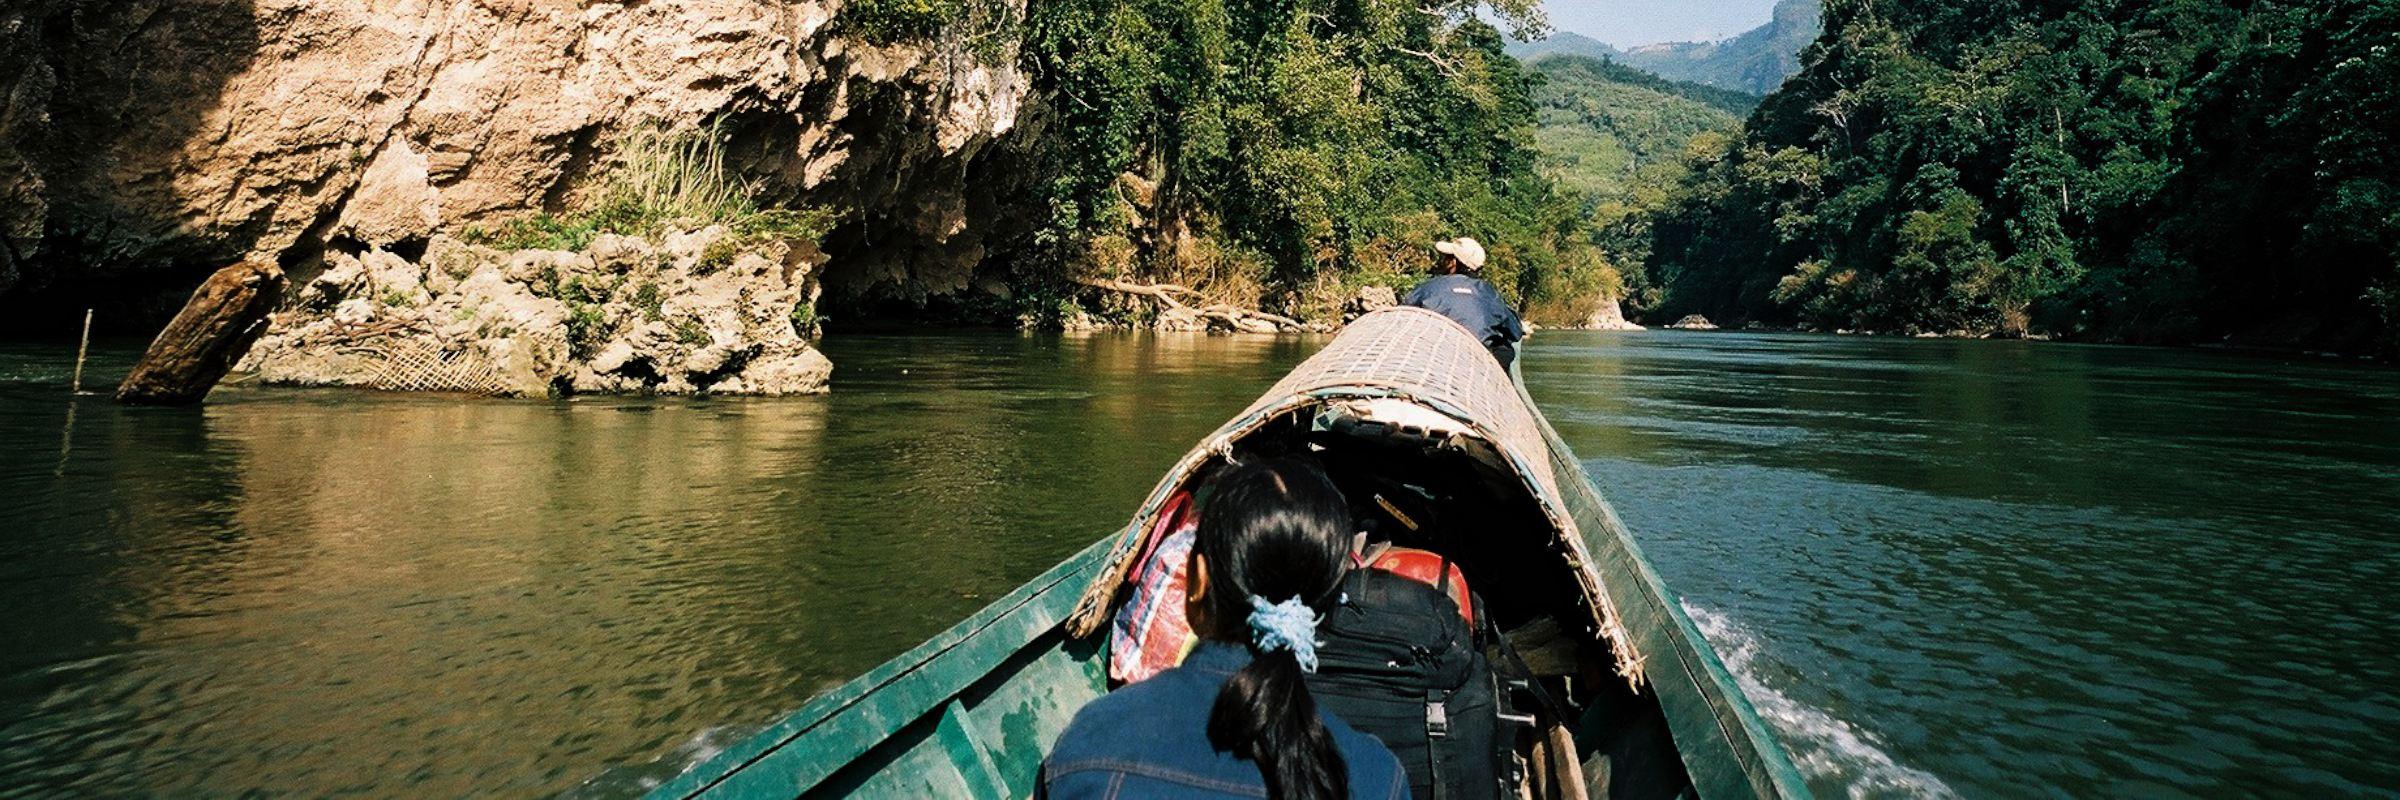 Zwei Einheimische fahren mit einem landestypischen Boot durch eine idyllische Flusslandschaft im Norden von Laos.